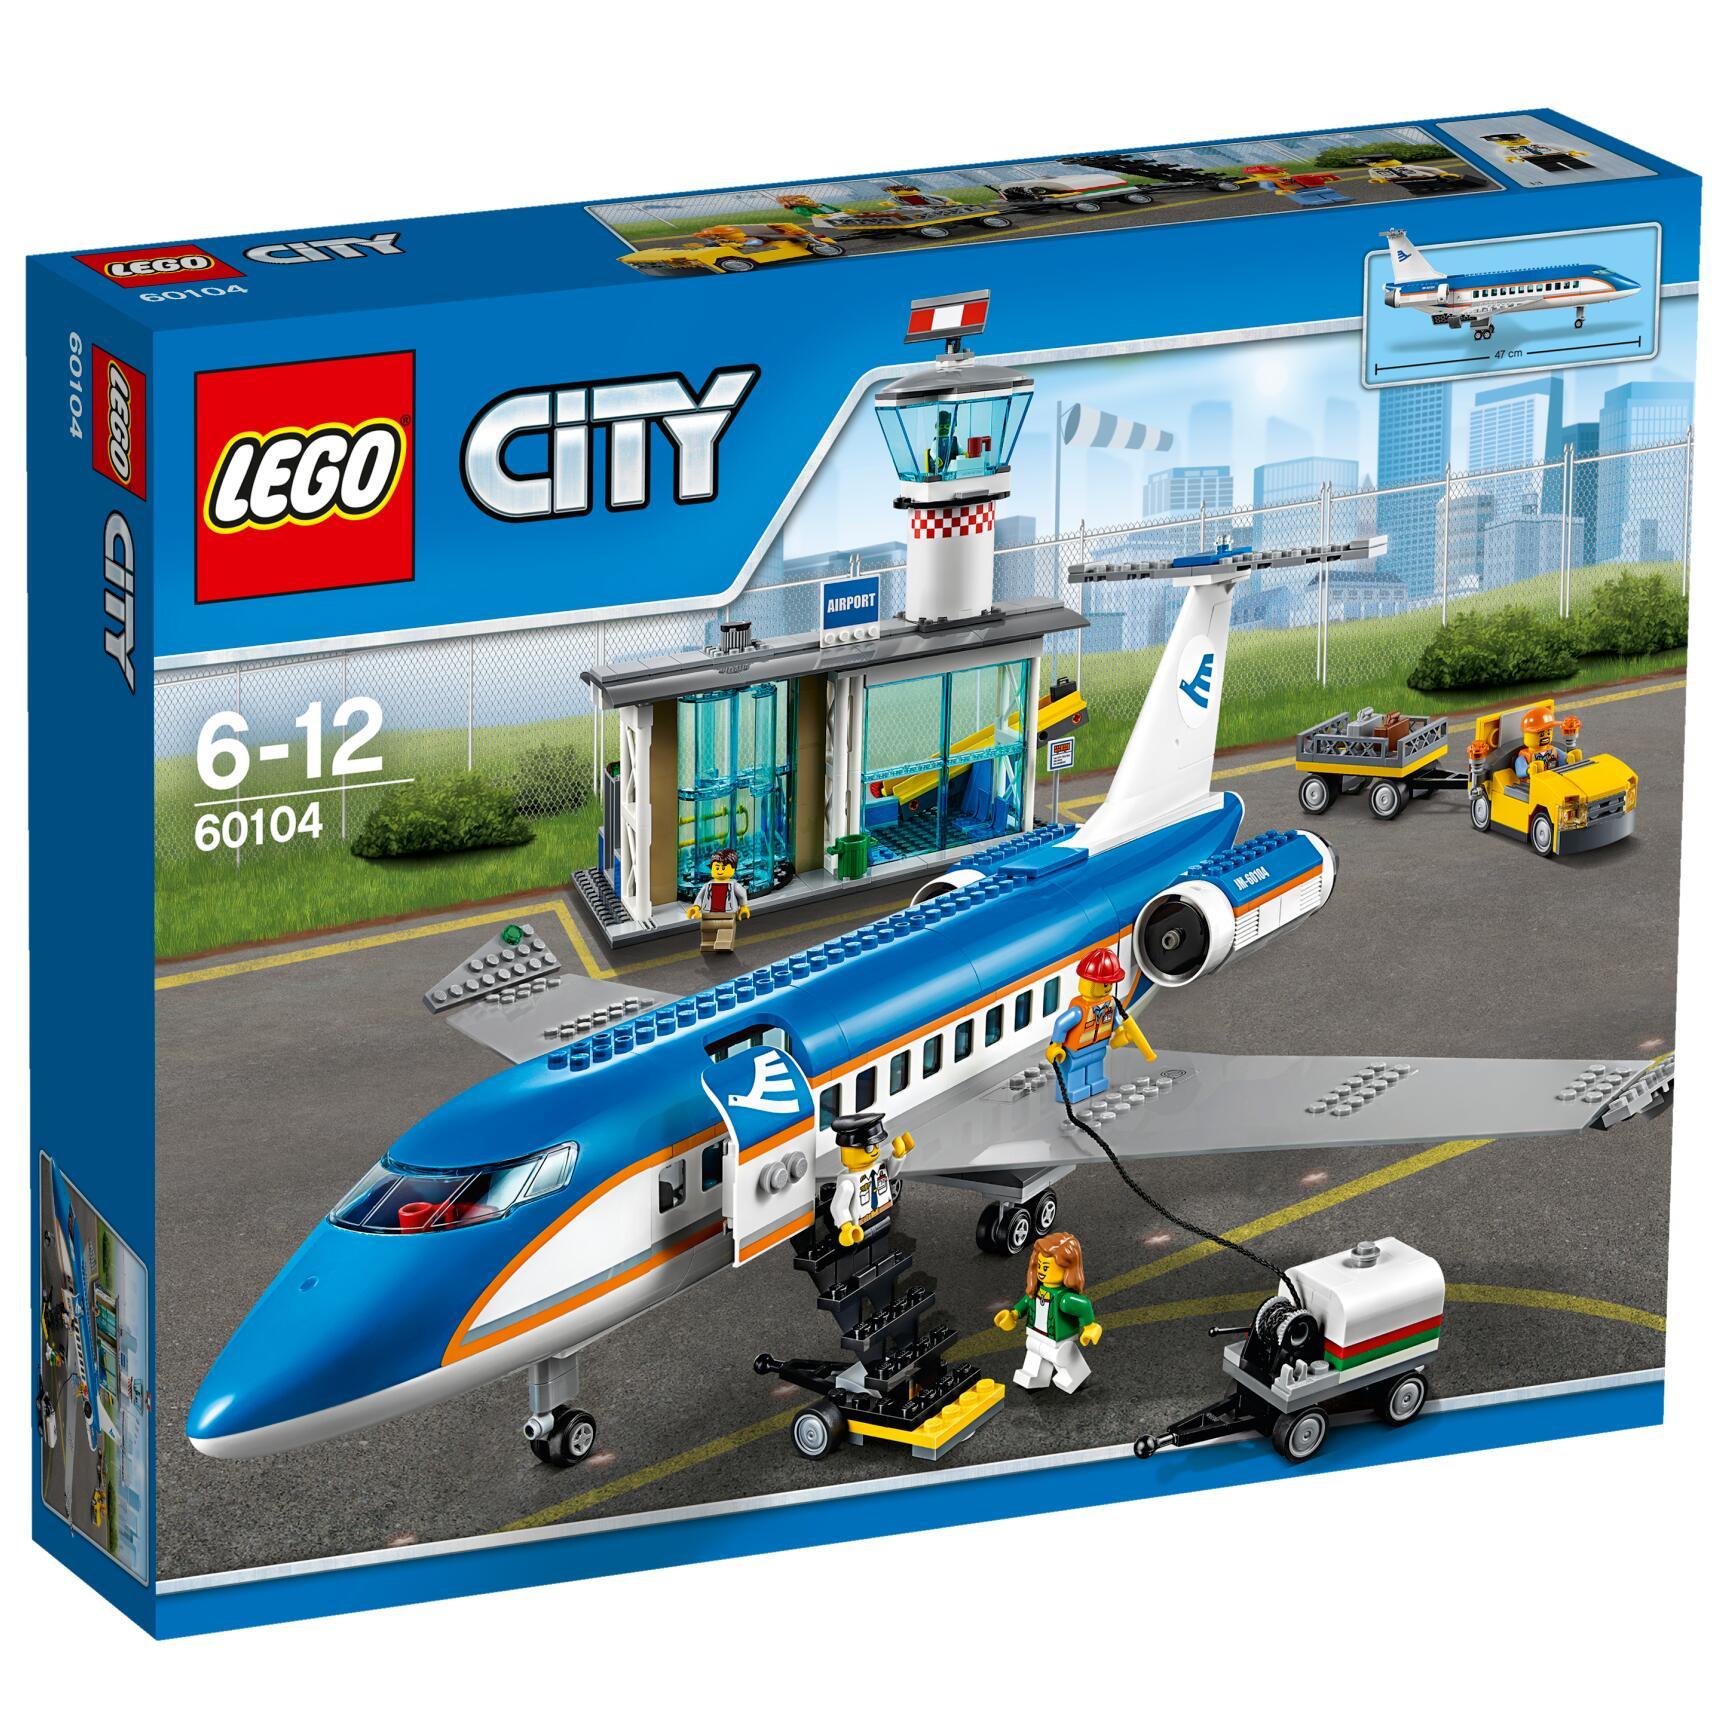 Aeroporto Lego : Lego city airport terminal passeggeri lego city